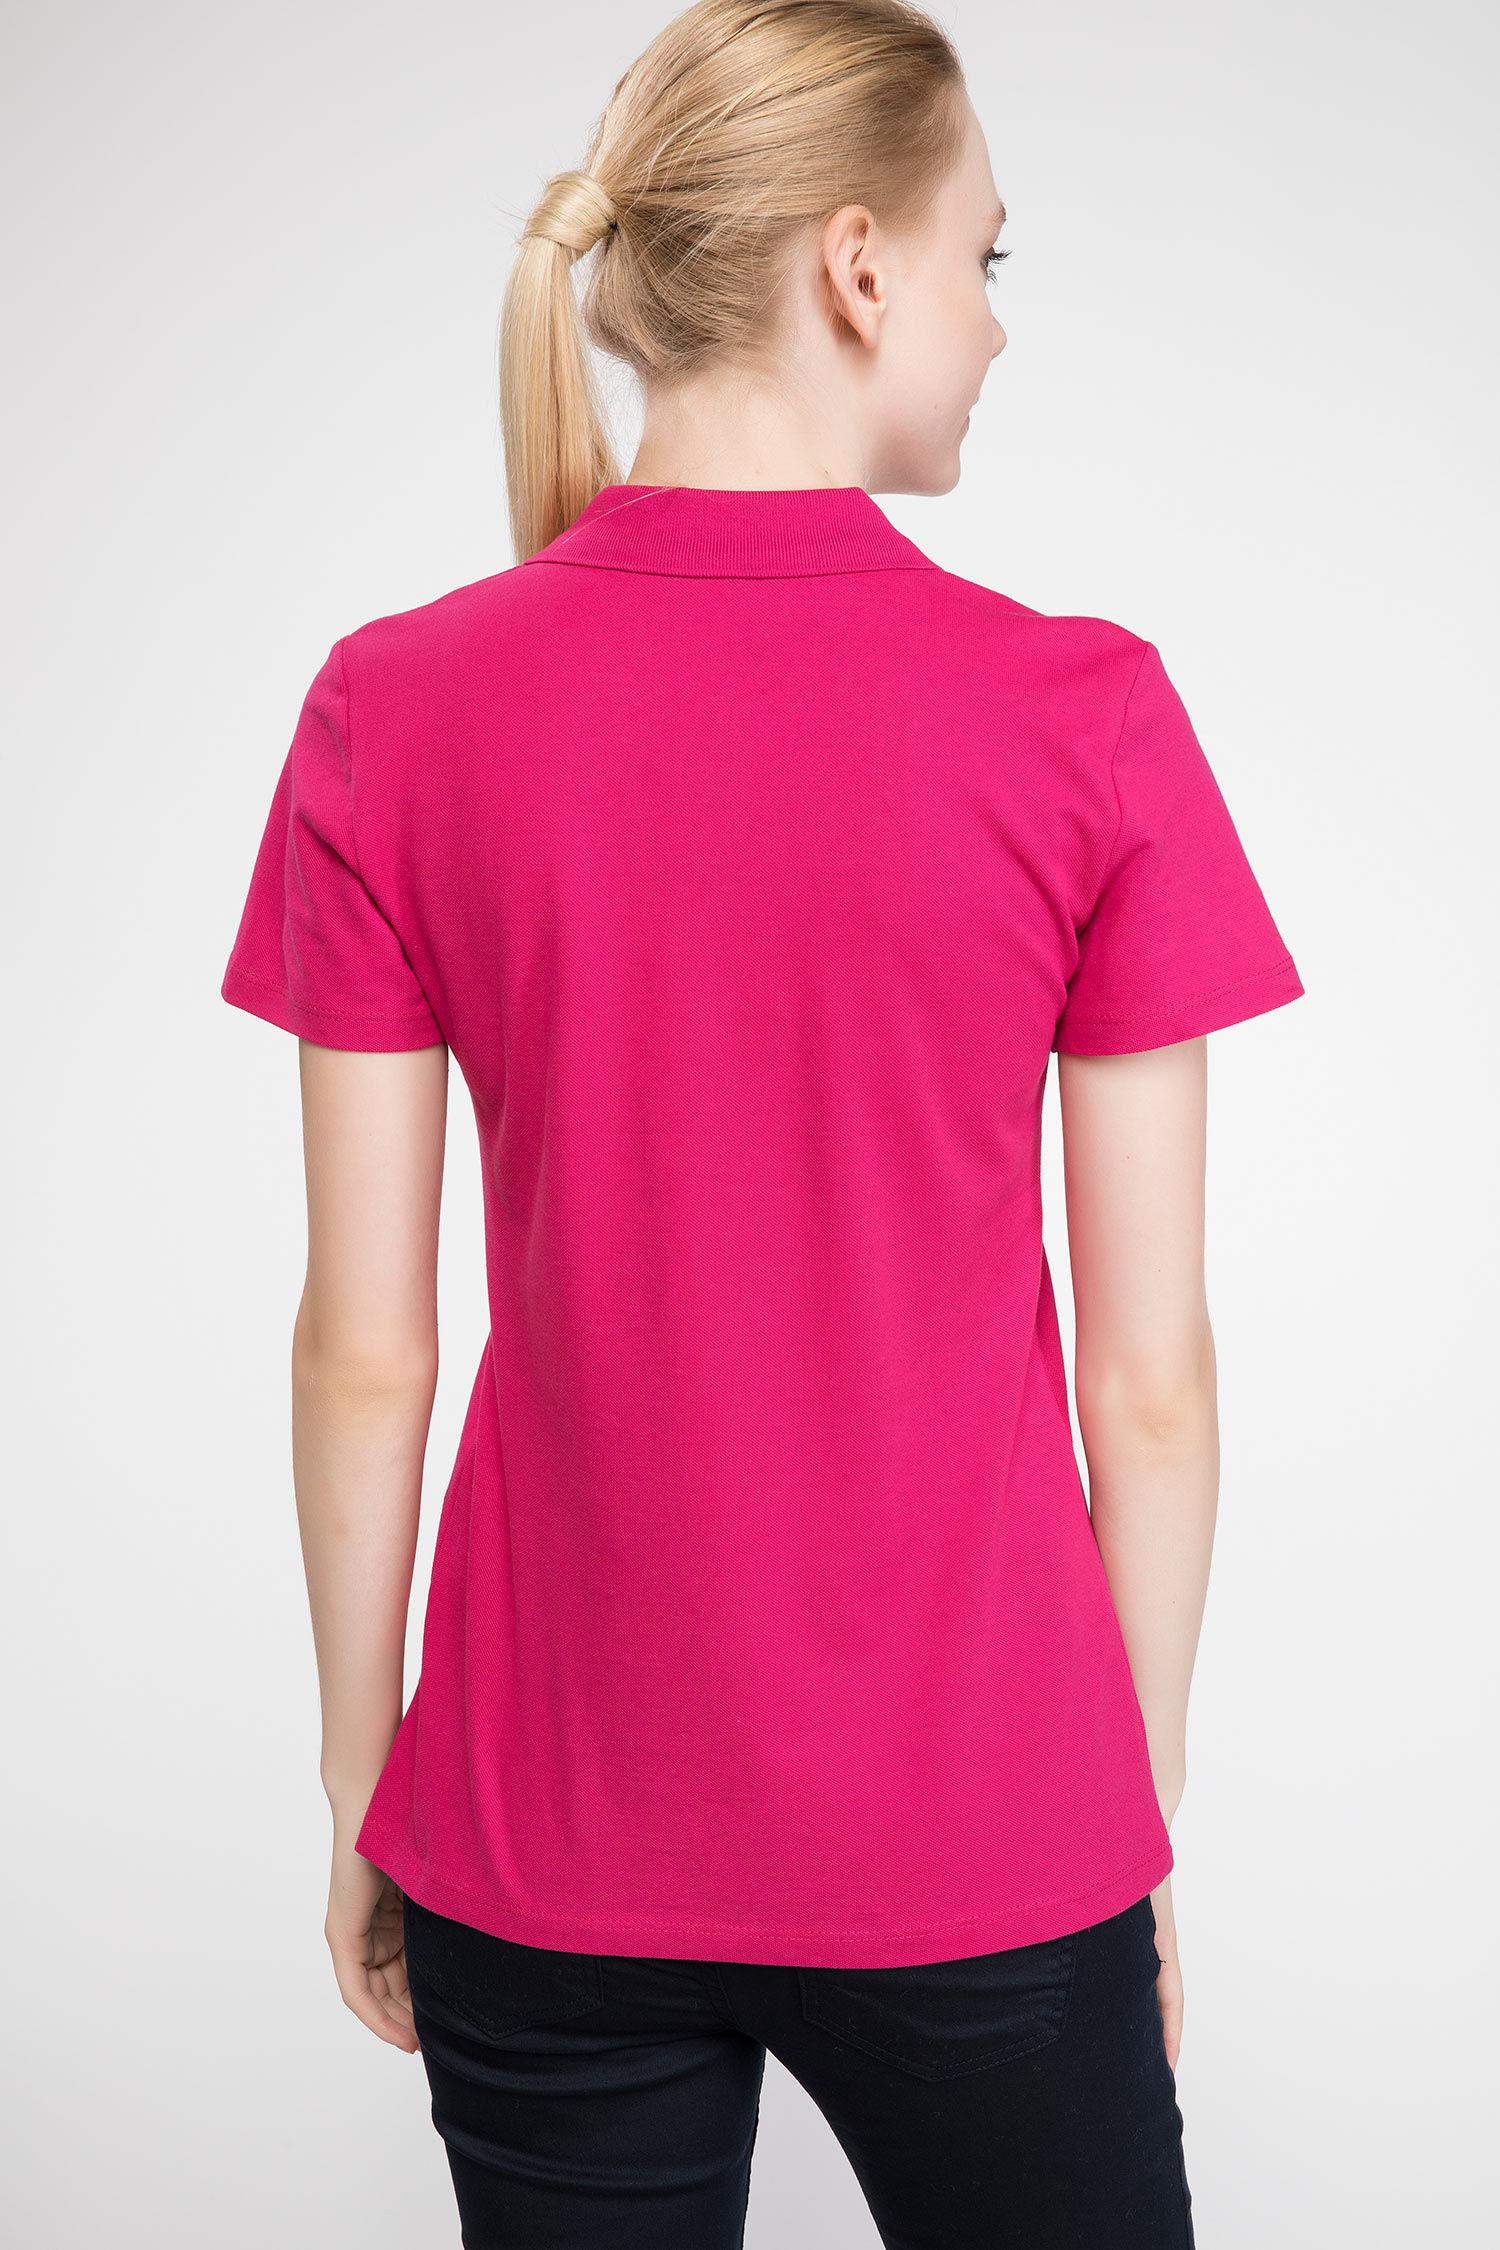 Polo Tshirt Women Pink